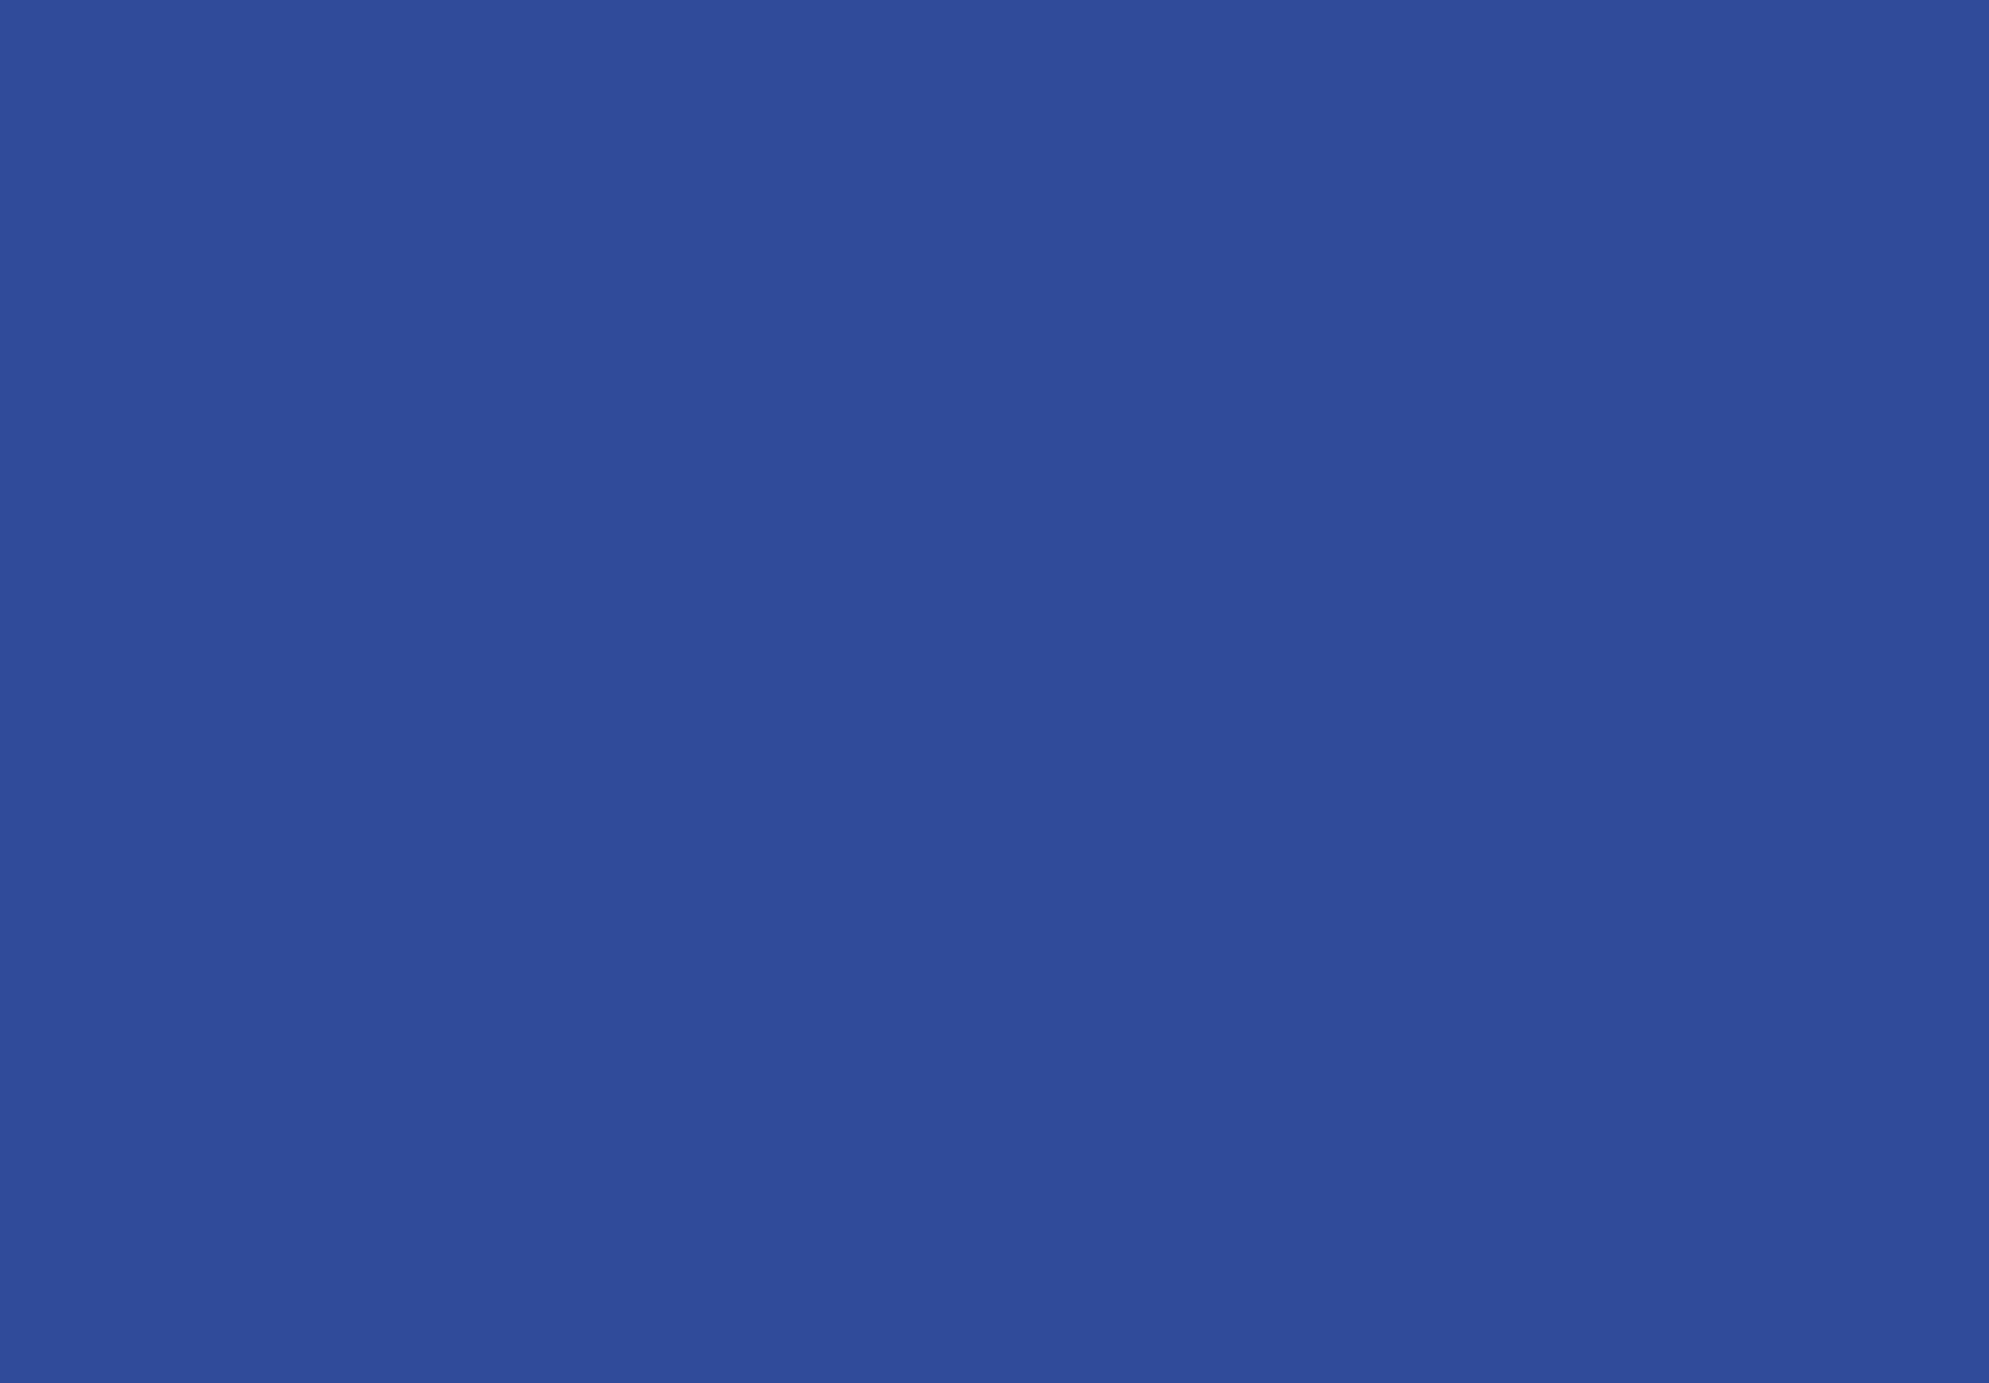 moritz-hamberger_slackline-skifahren-design_skischule grasgehren fischen logo blau_Moritz Hamberger - Skischule Grasgehren + Fischen Corporate Design mit Website und Imagefilm: Das neue Logo